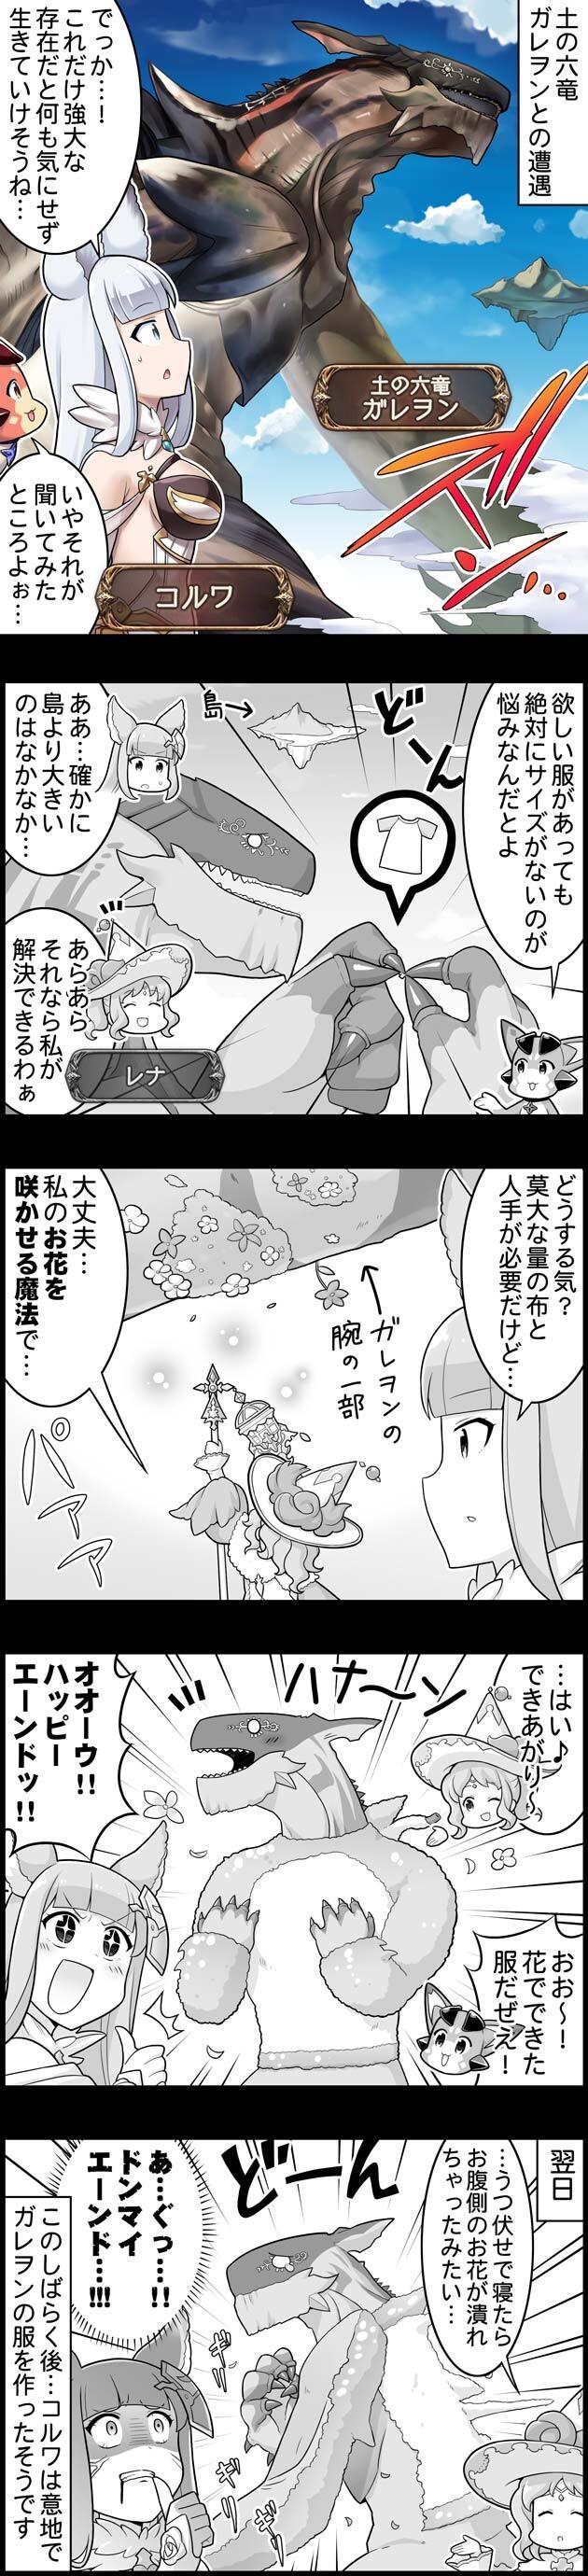 グラブル 土竜